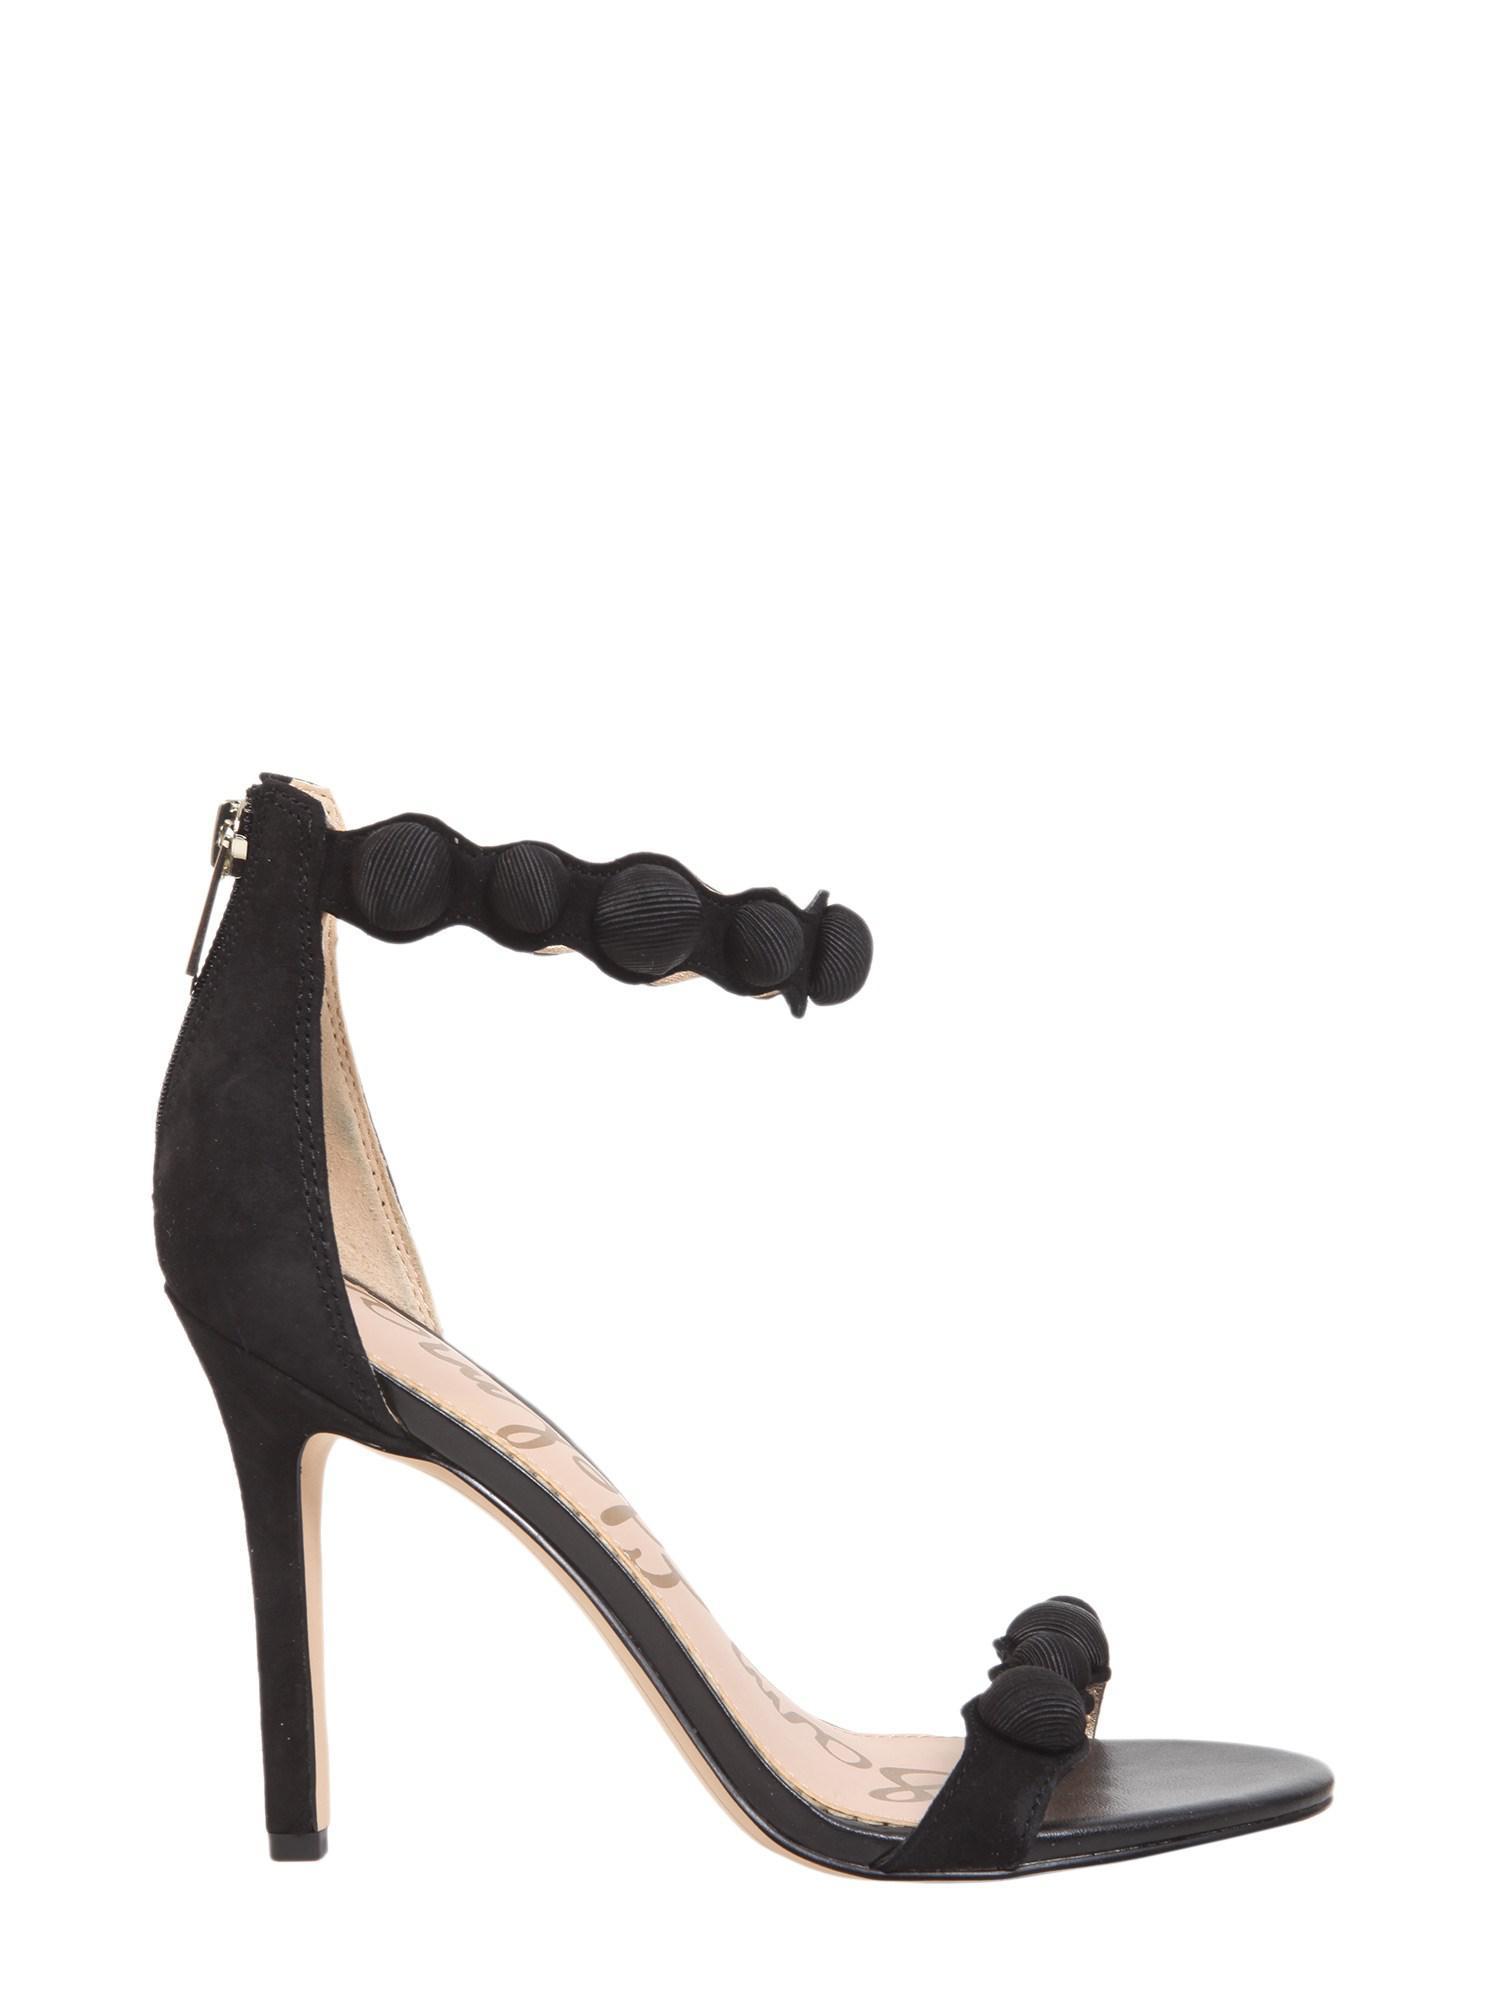 453d61c0c66071 Lyst - Sam Edelman Embellished Suede Sandals in Black - Save 28%